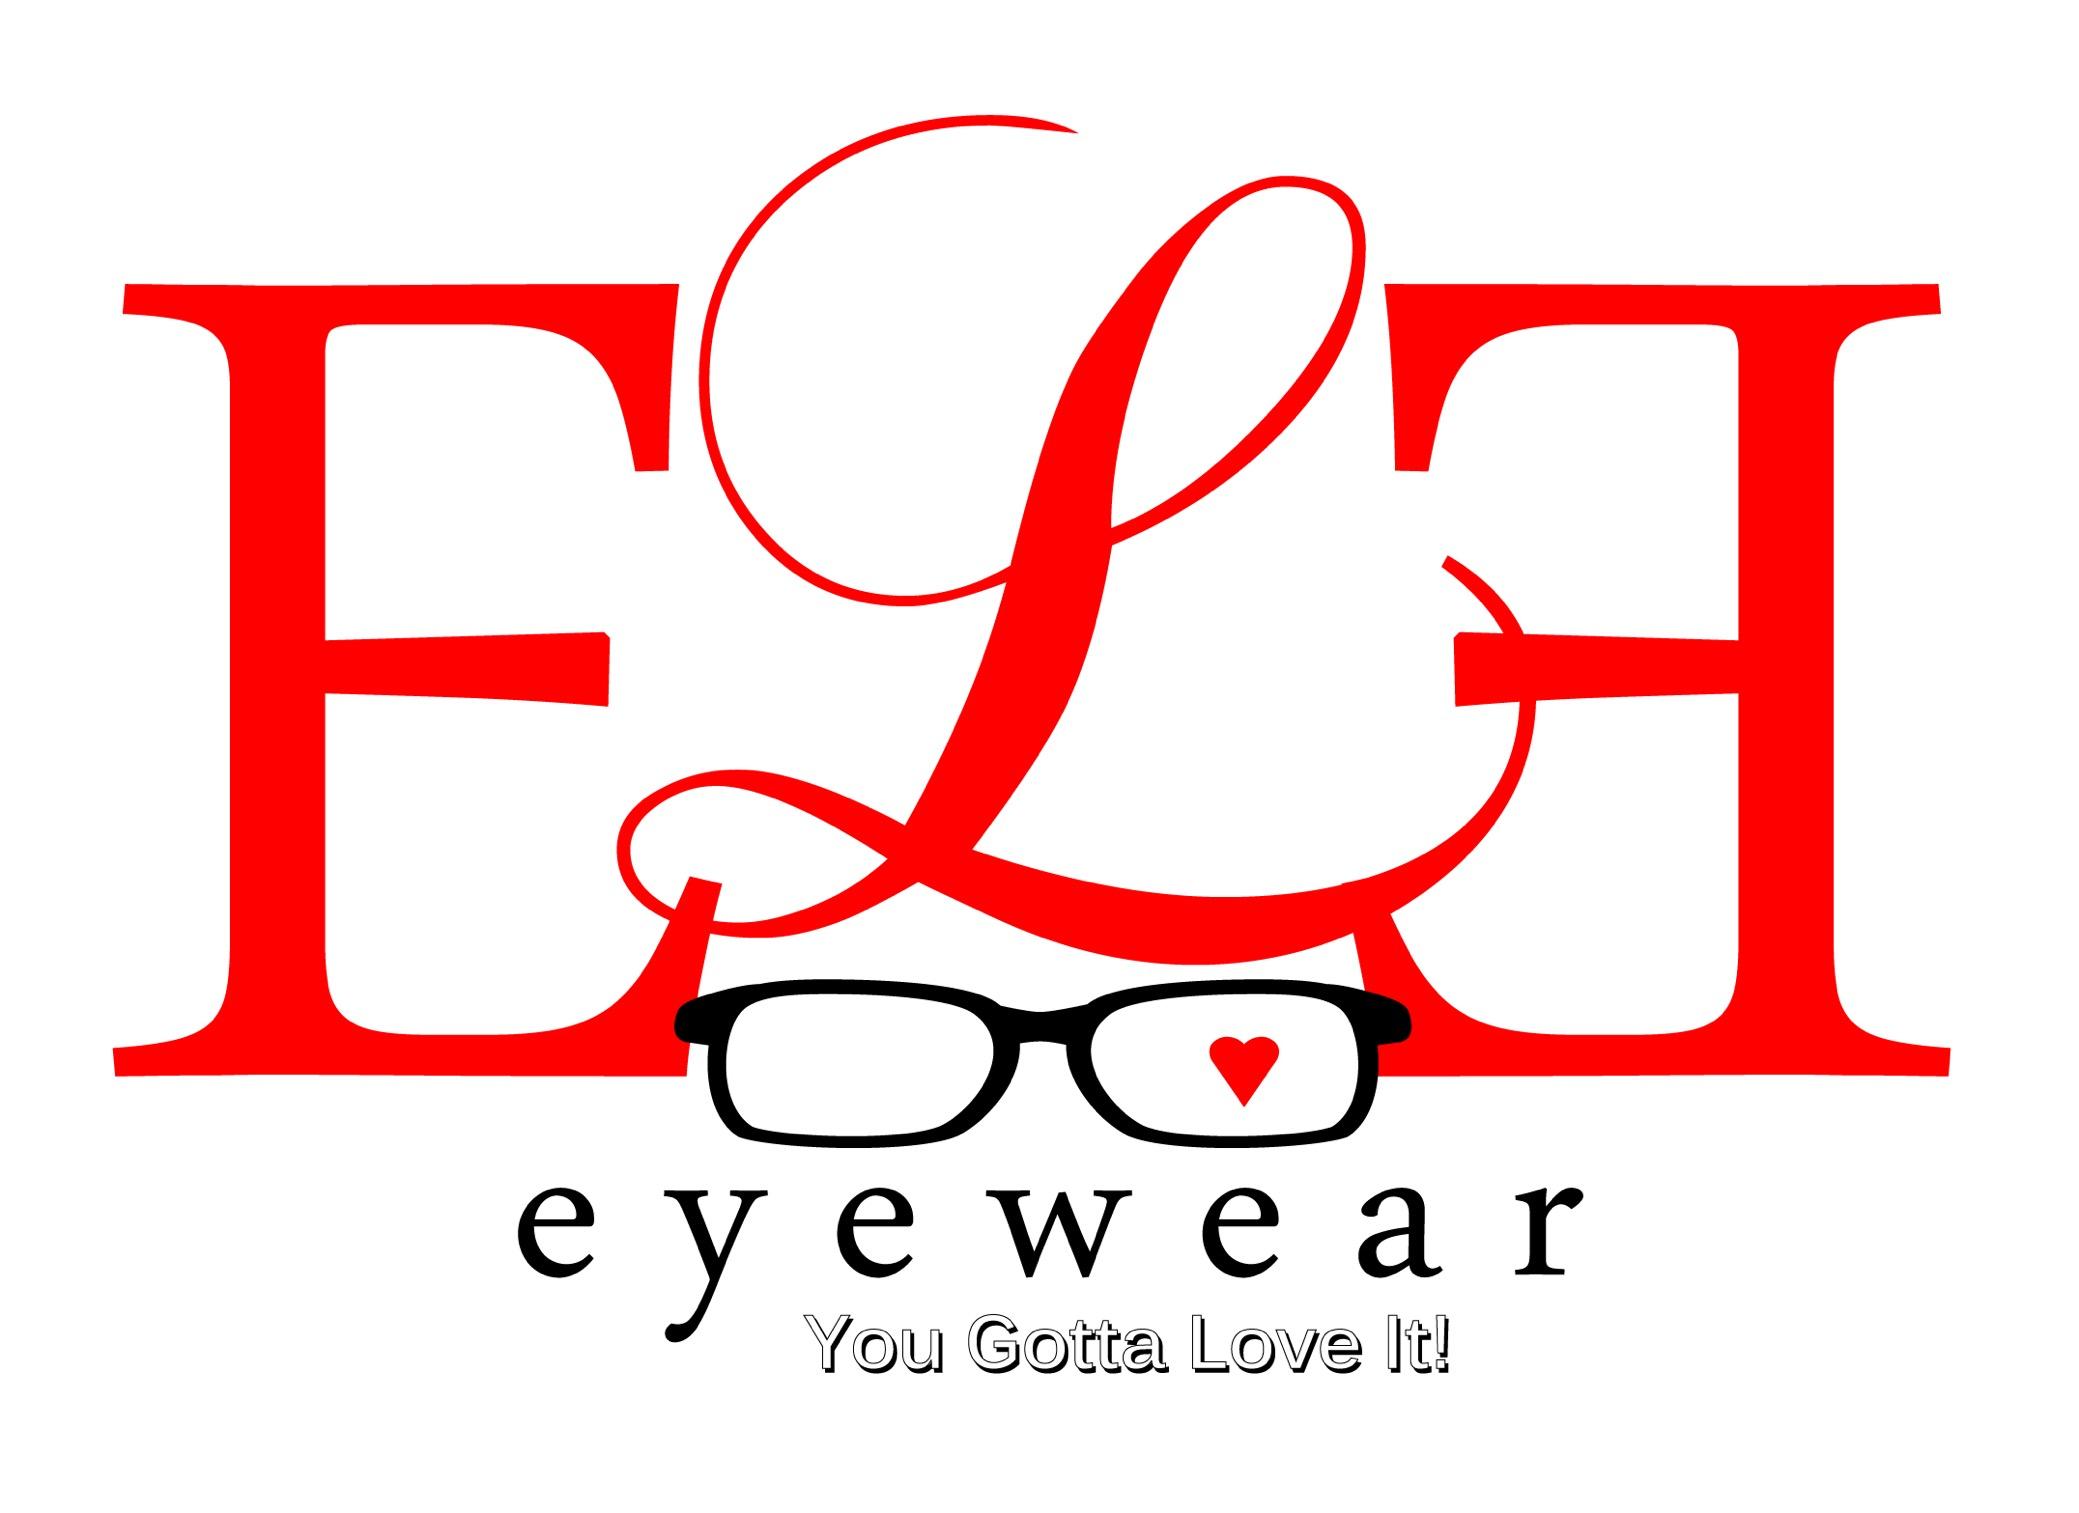 Eye Love Eyewear: A Determined Journey in the Eyewear Business